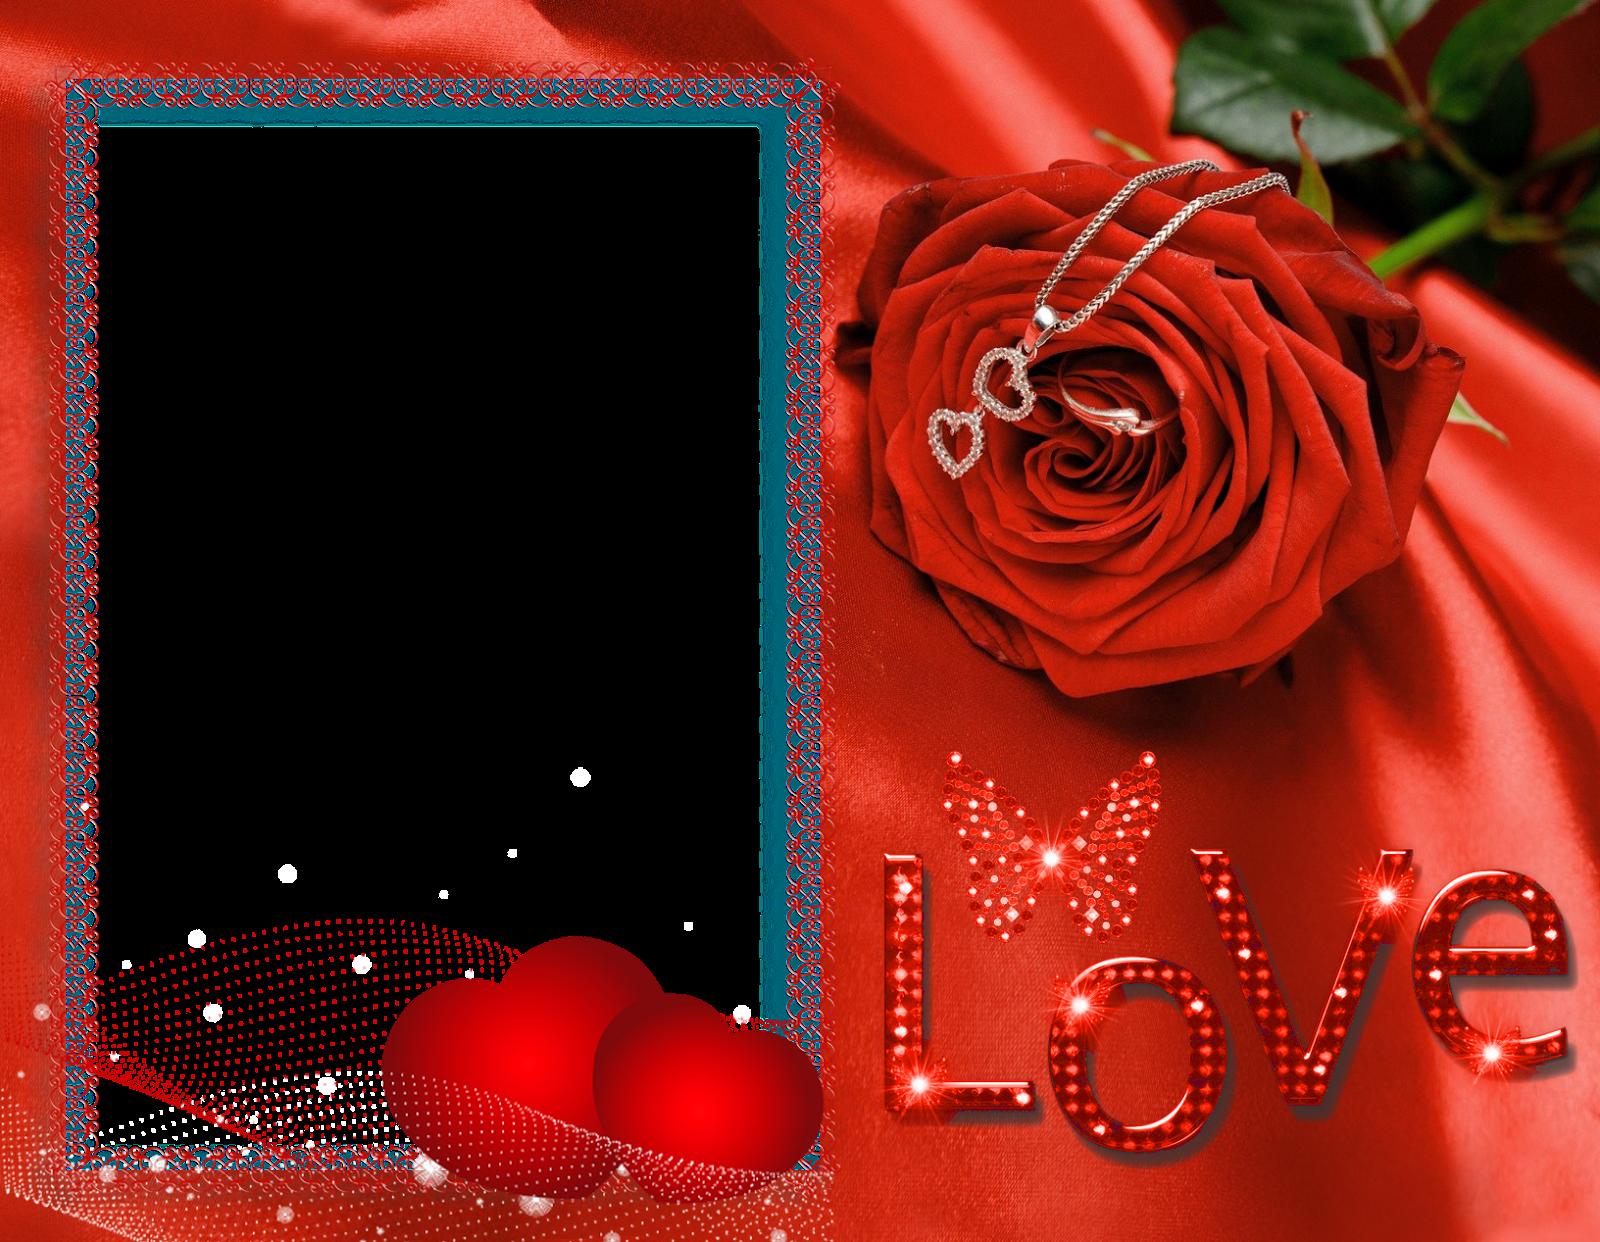 Banco de imágenes: 15 marcos de amor para poner tus fotos favoritas ...